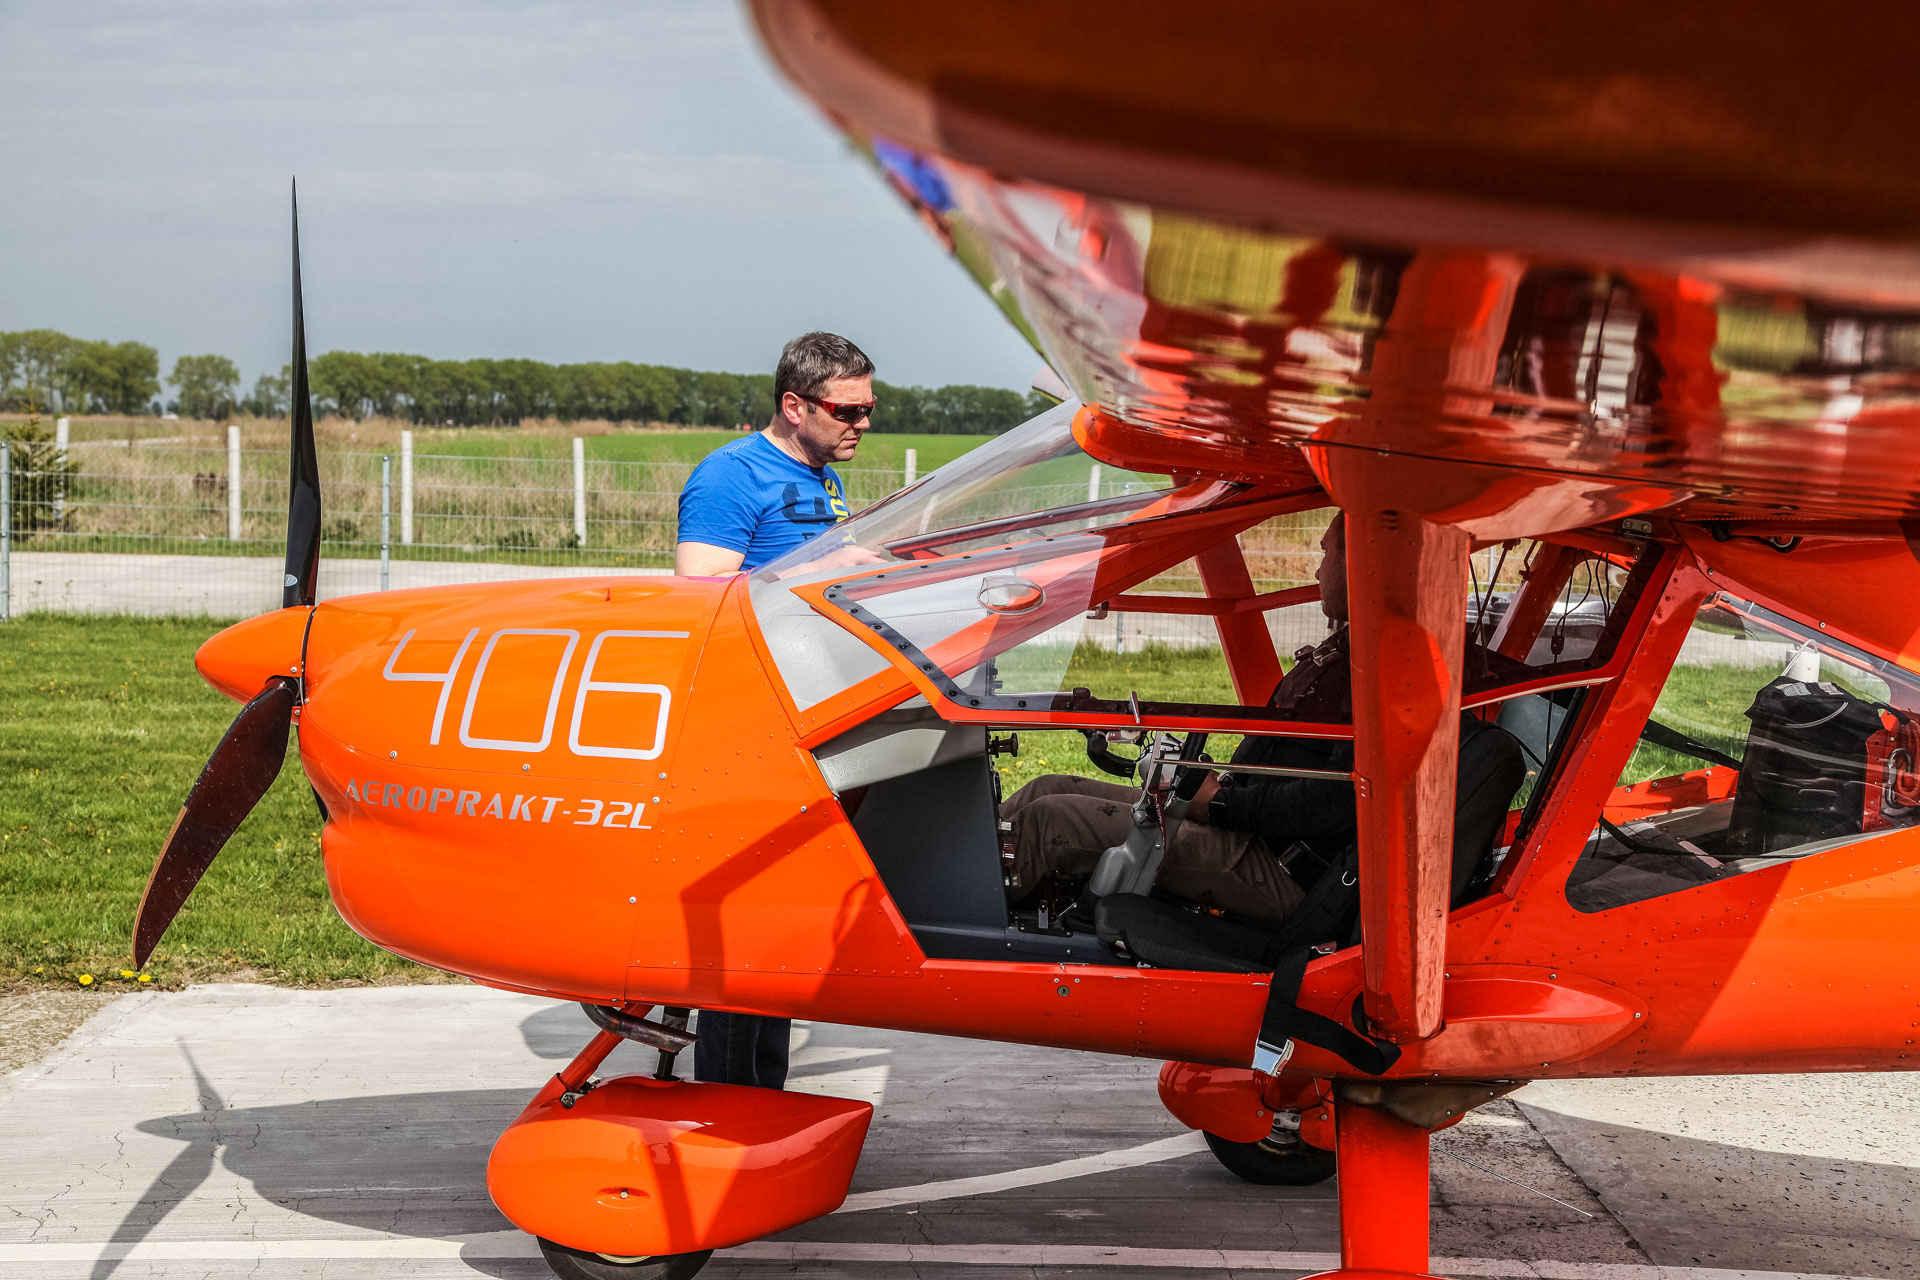 世界中に大人気なウクライナ製小型飛行機